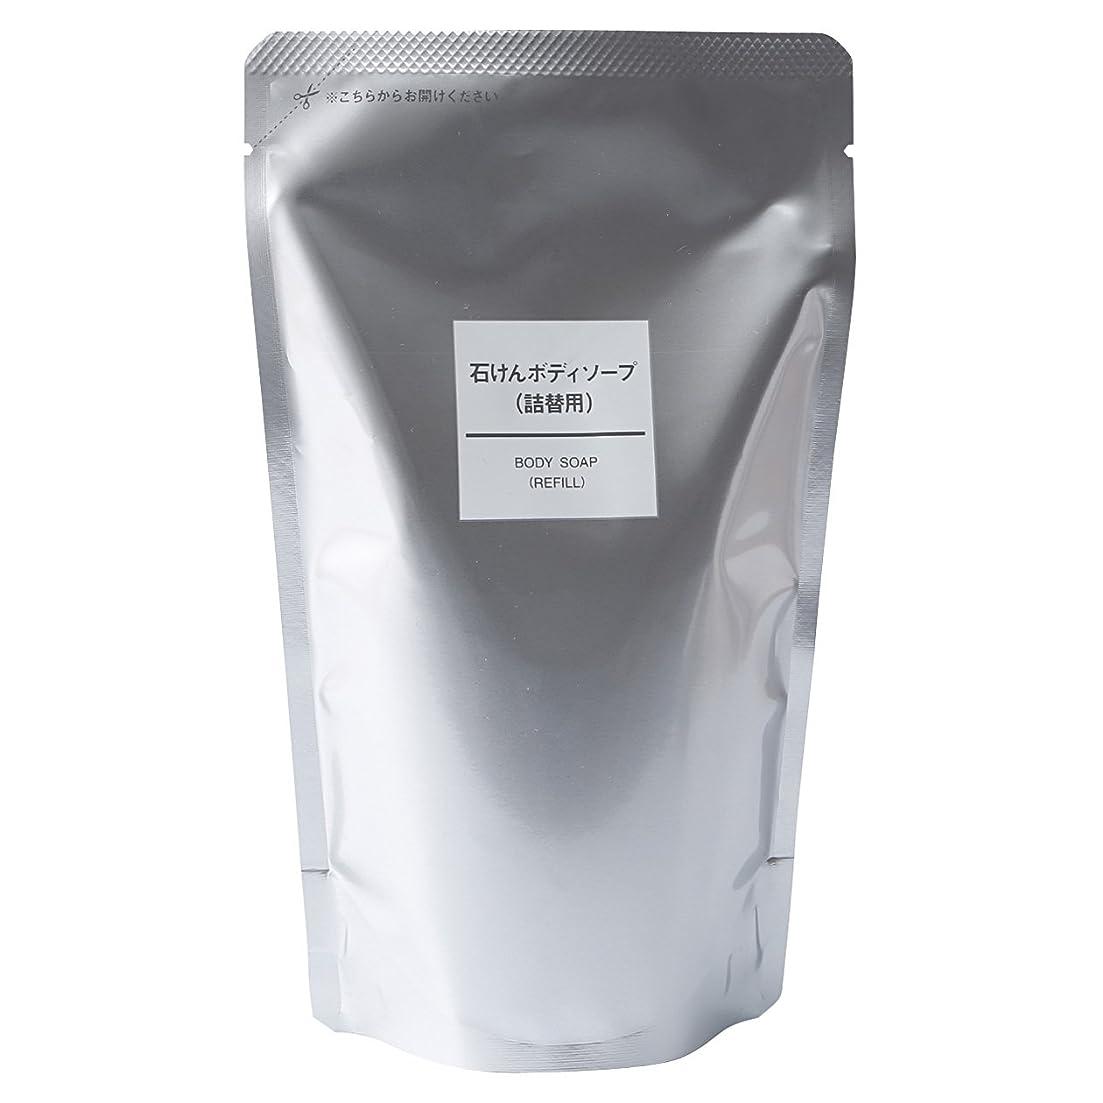 徹底備品長方形無印良品 石けんボディソープ(詰替用) (新)350ml 日本製